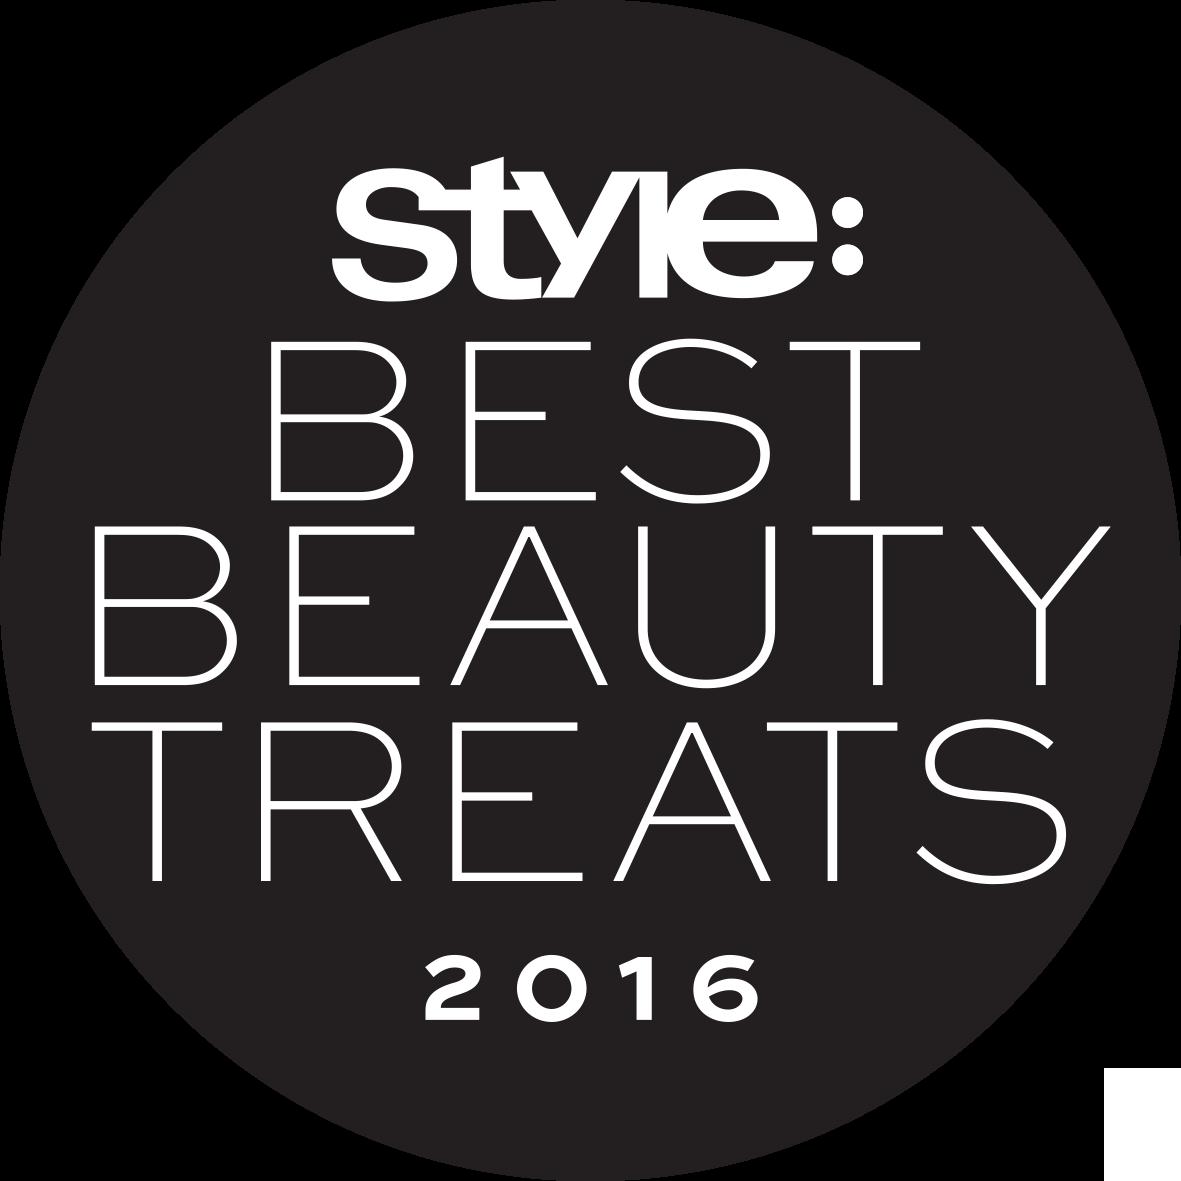 STYLE: Best Beauty Treats 2016